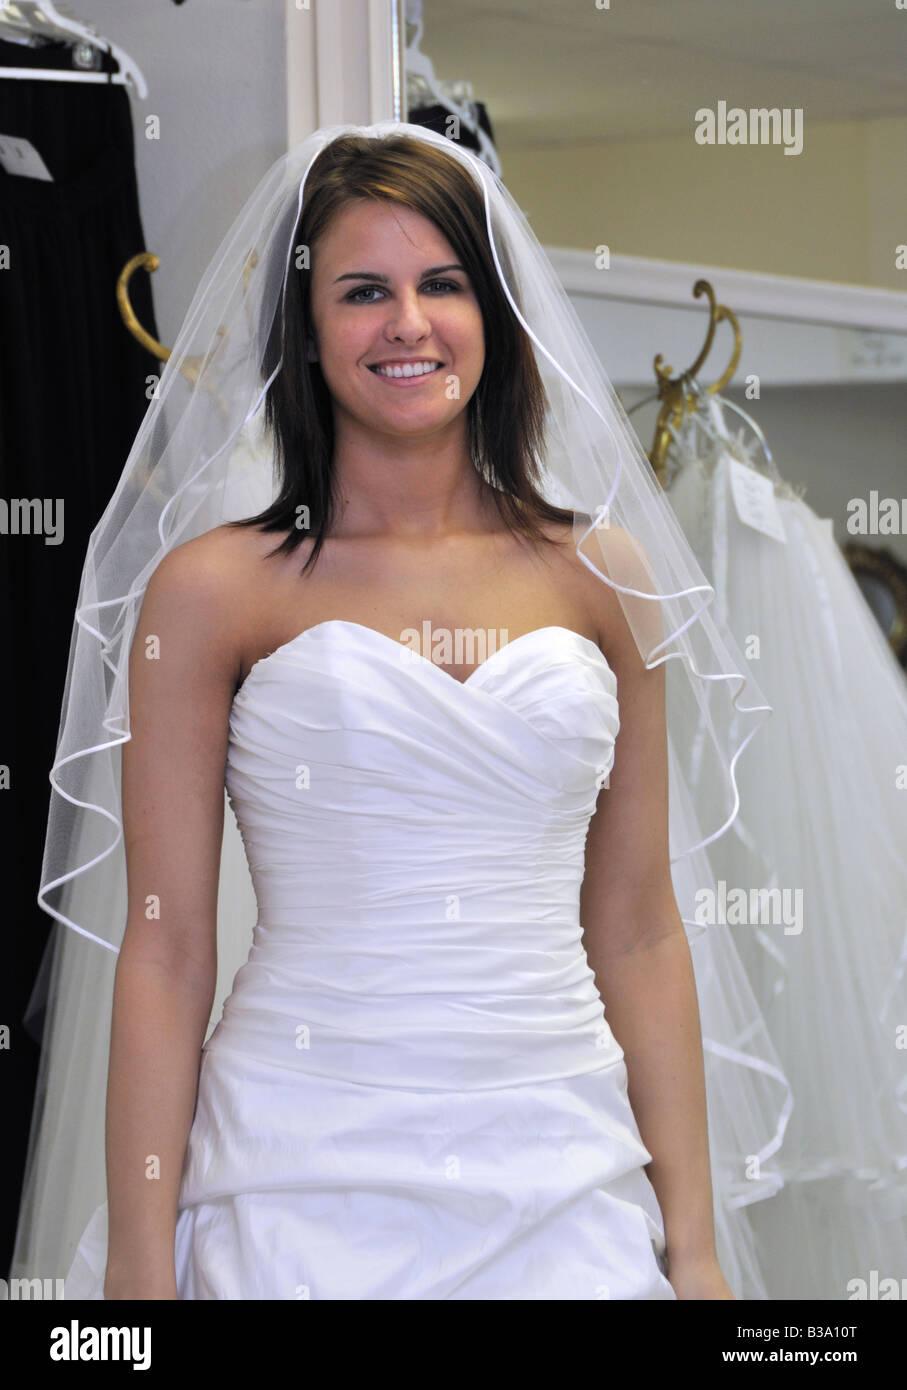 Eine junge Braut ihr Brautkleid gerade einige Monate vor der ...